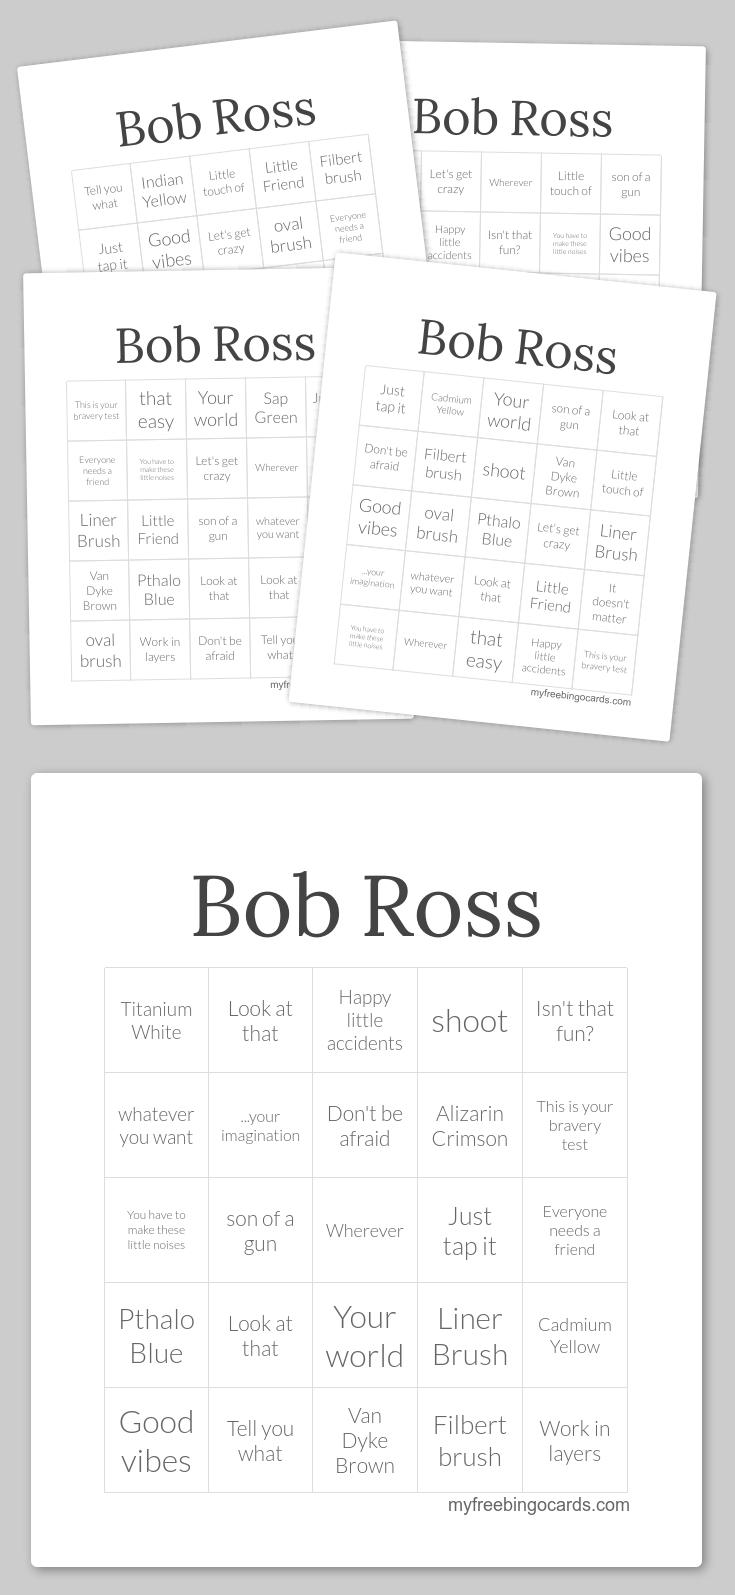 Bob Ross Bingo | Free Bingo Cards, Bingo Cards, Free